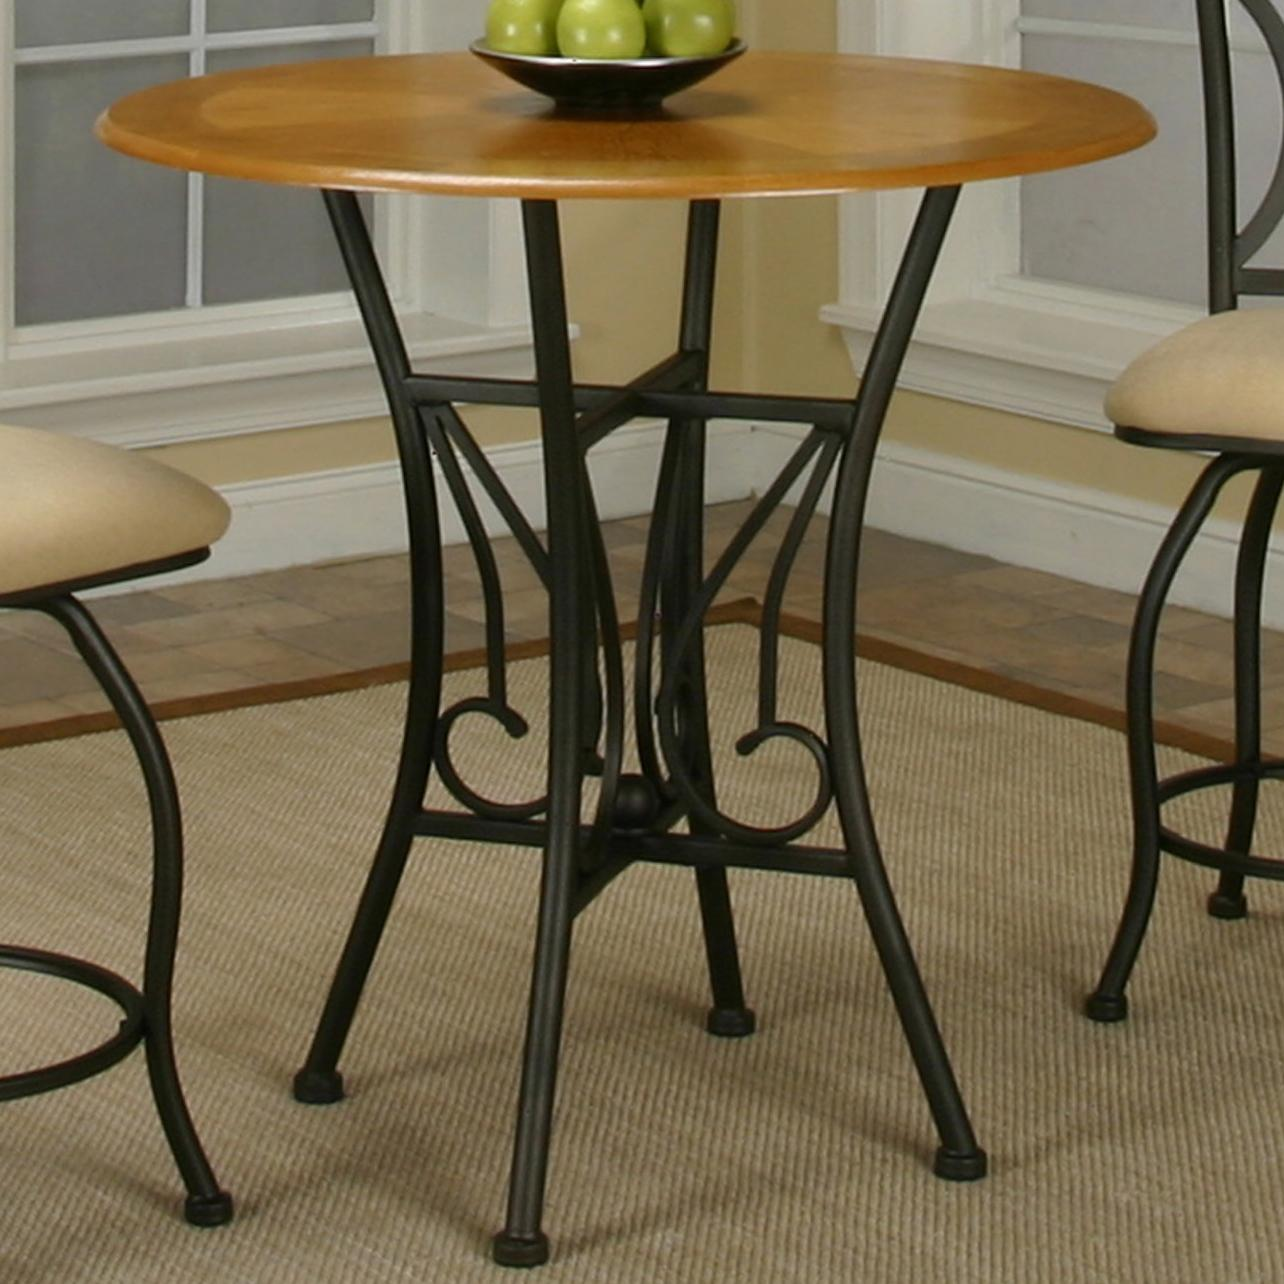 Round oak veneer wood top counter height table by cramco for Round counter height table